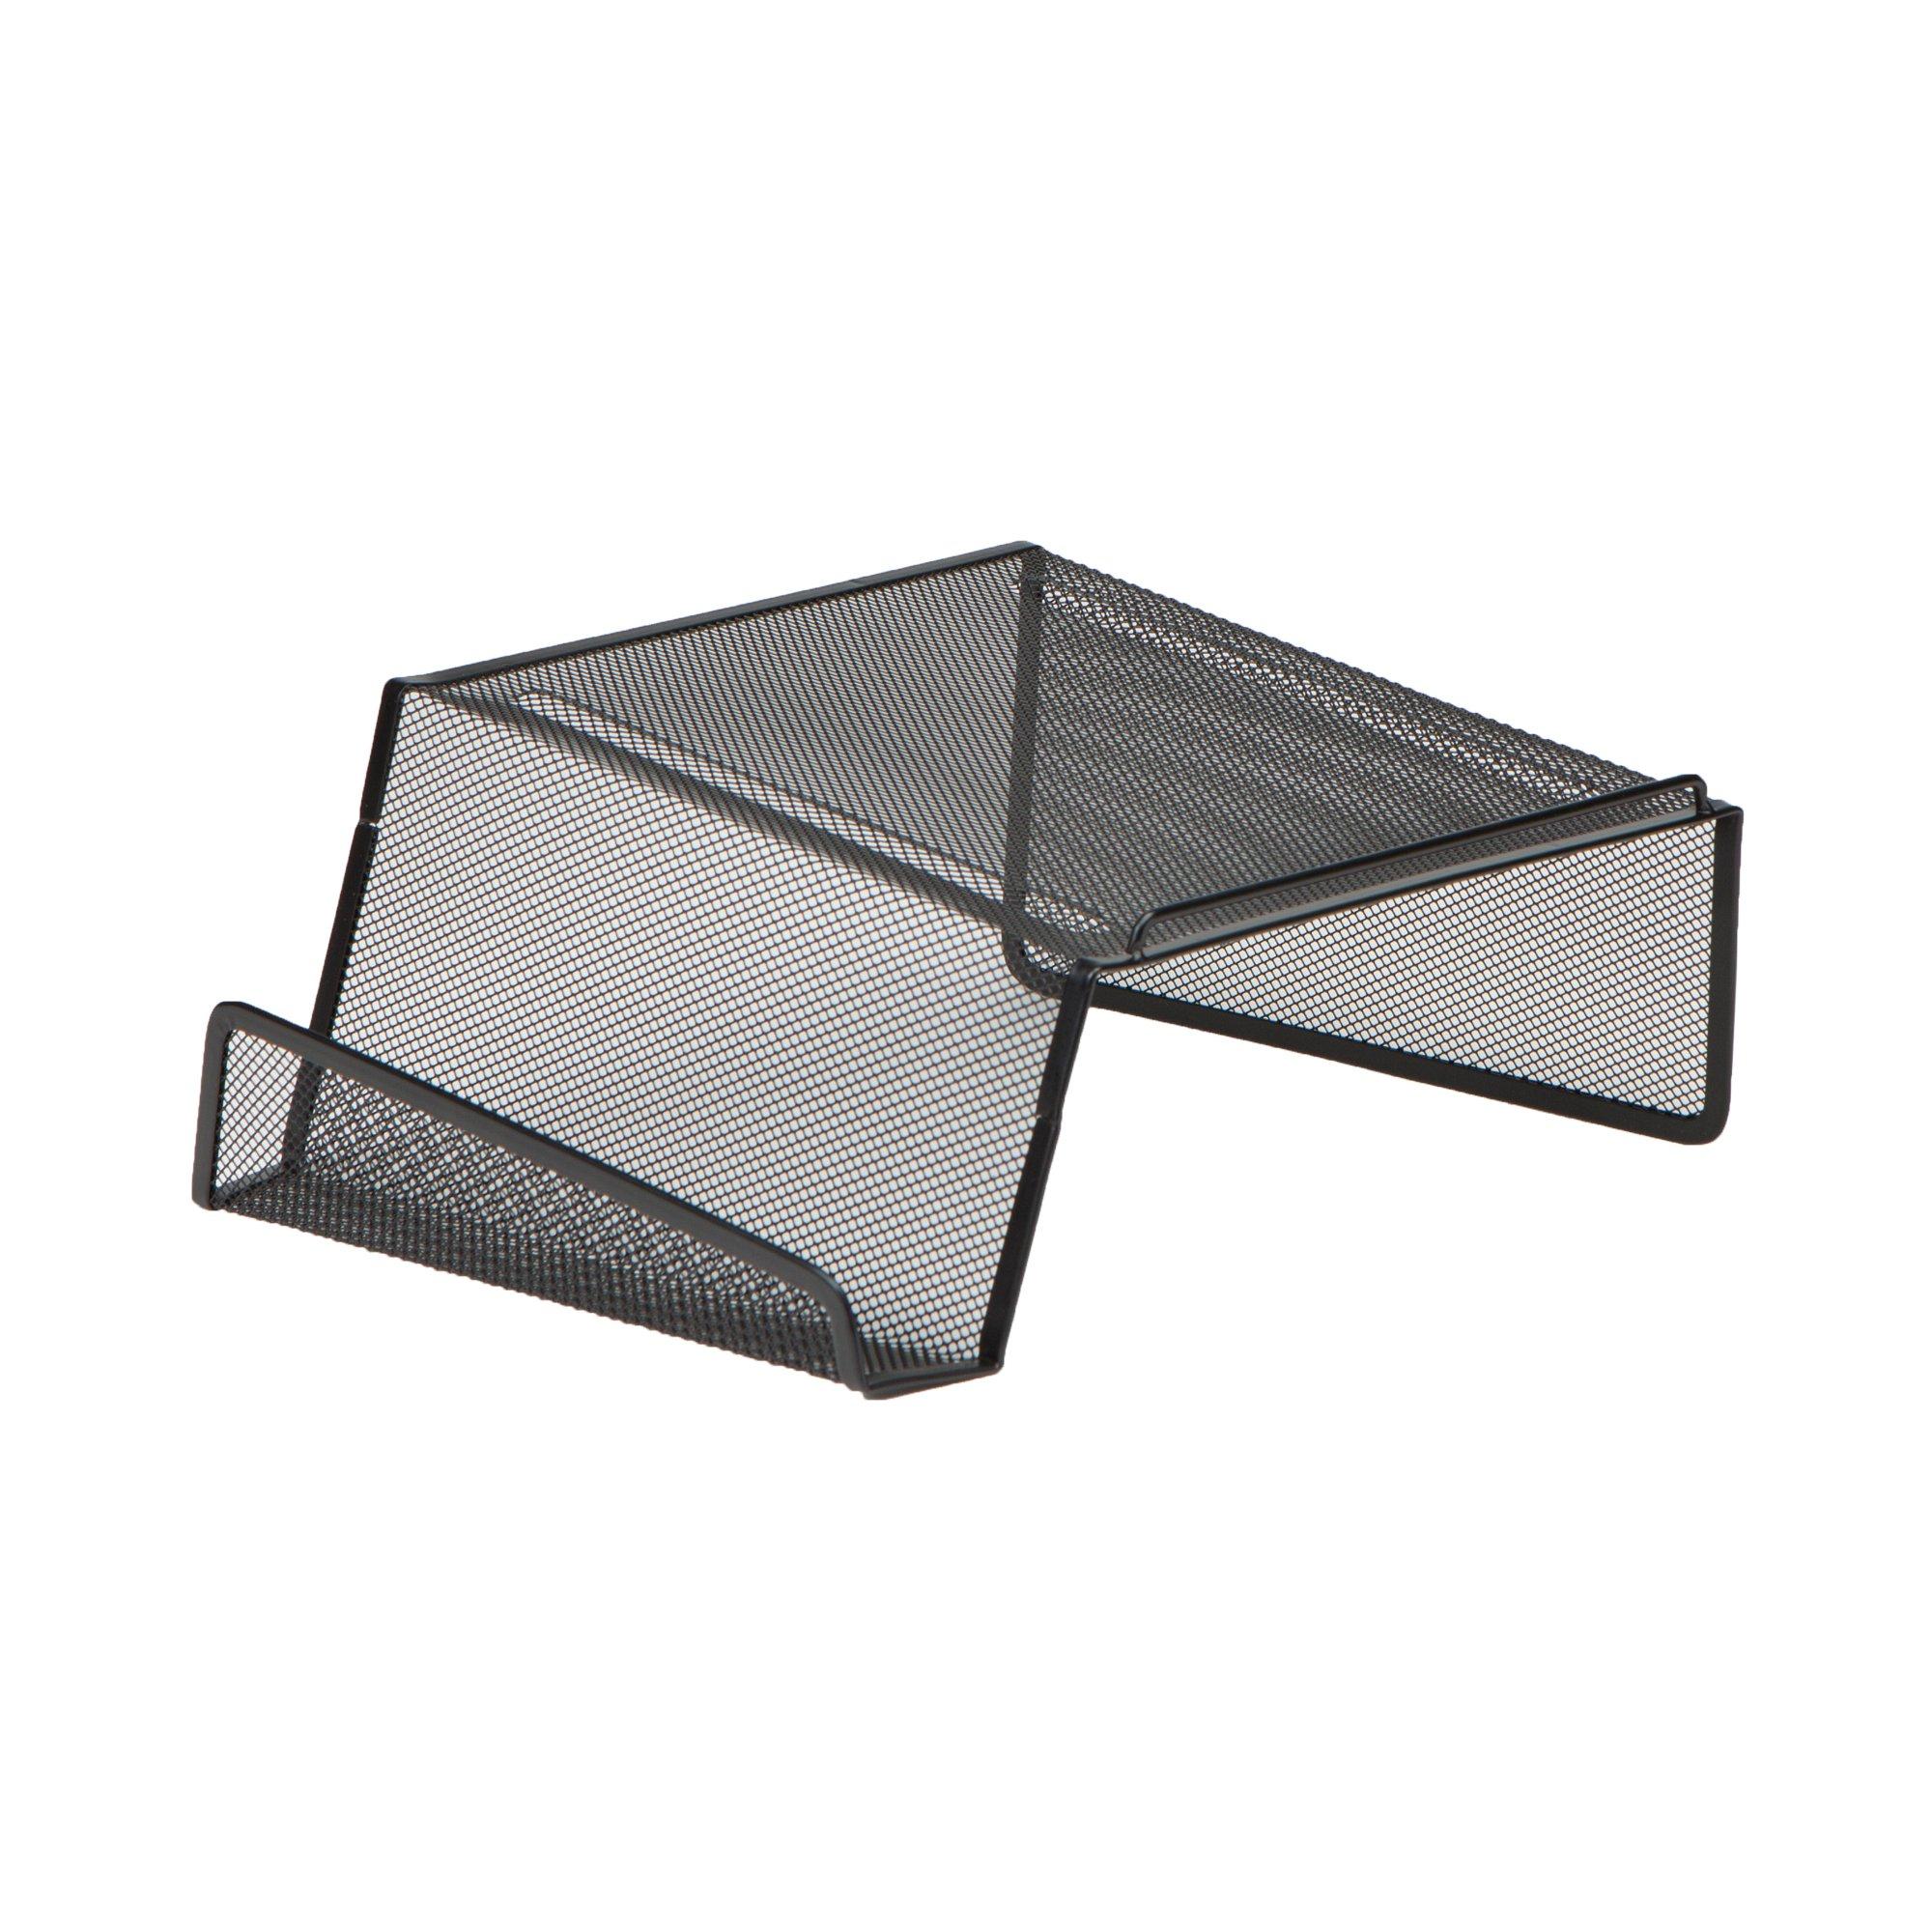 Mind Reader Metal Desktop Phone Stand, 2 Pack, Black by Mind Reader (Image #4)